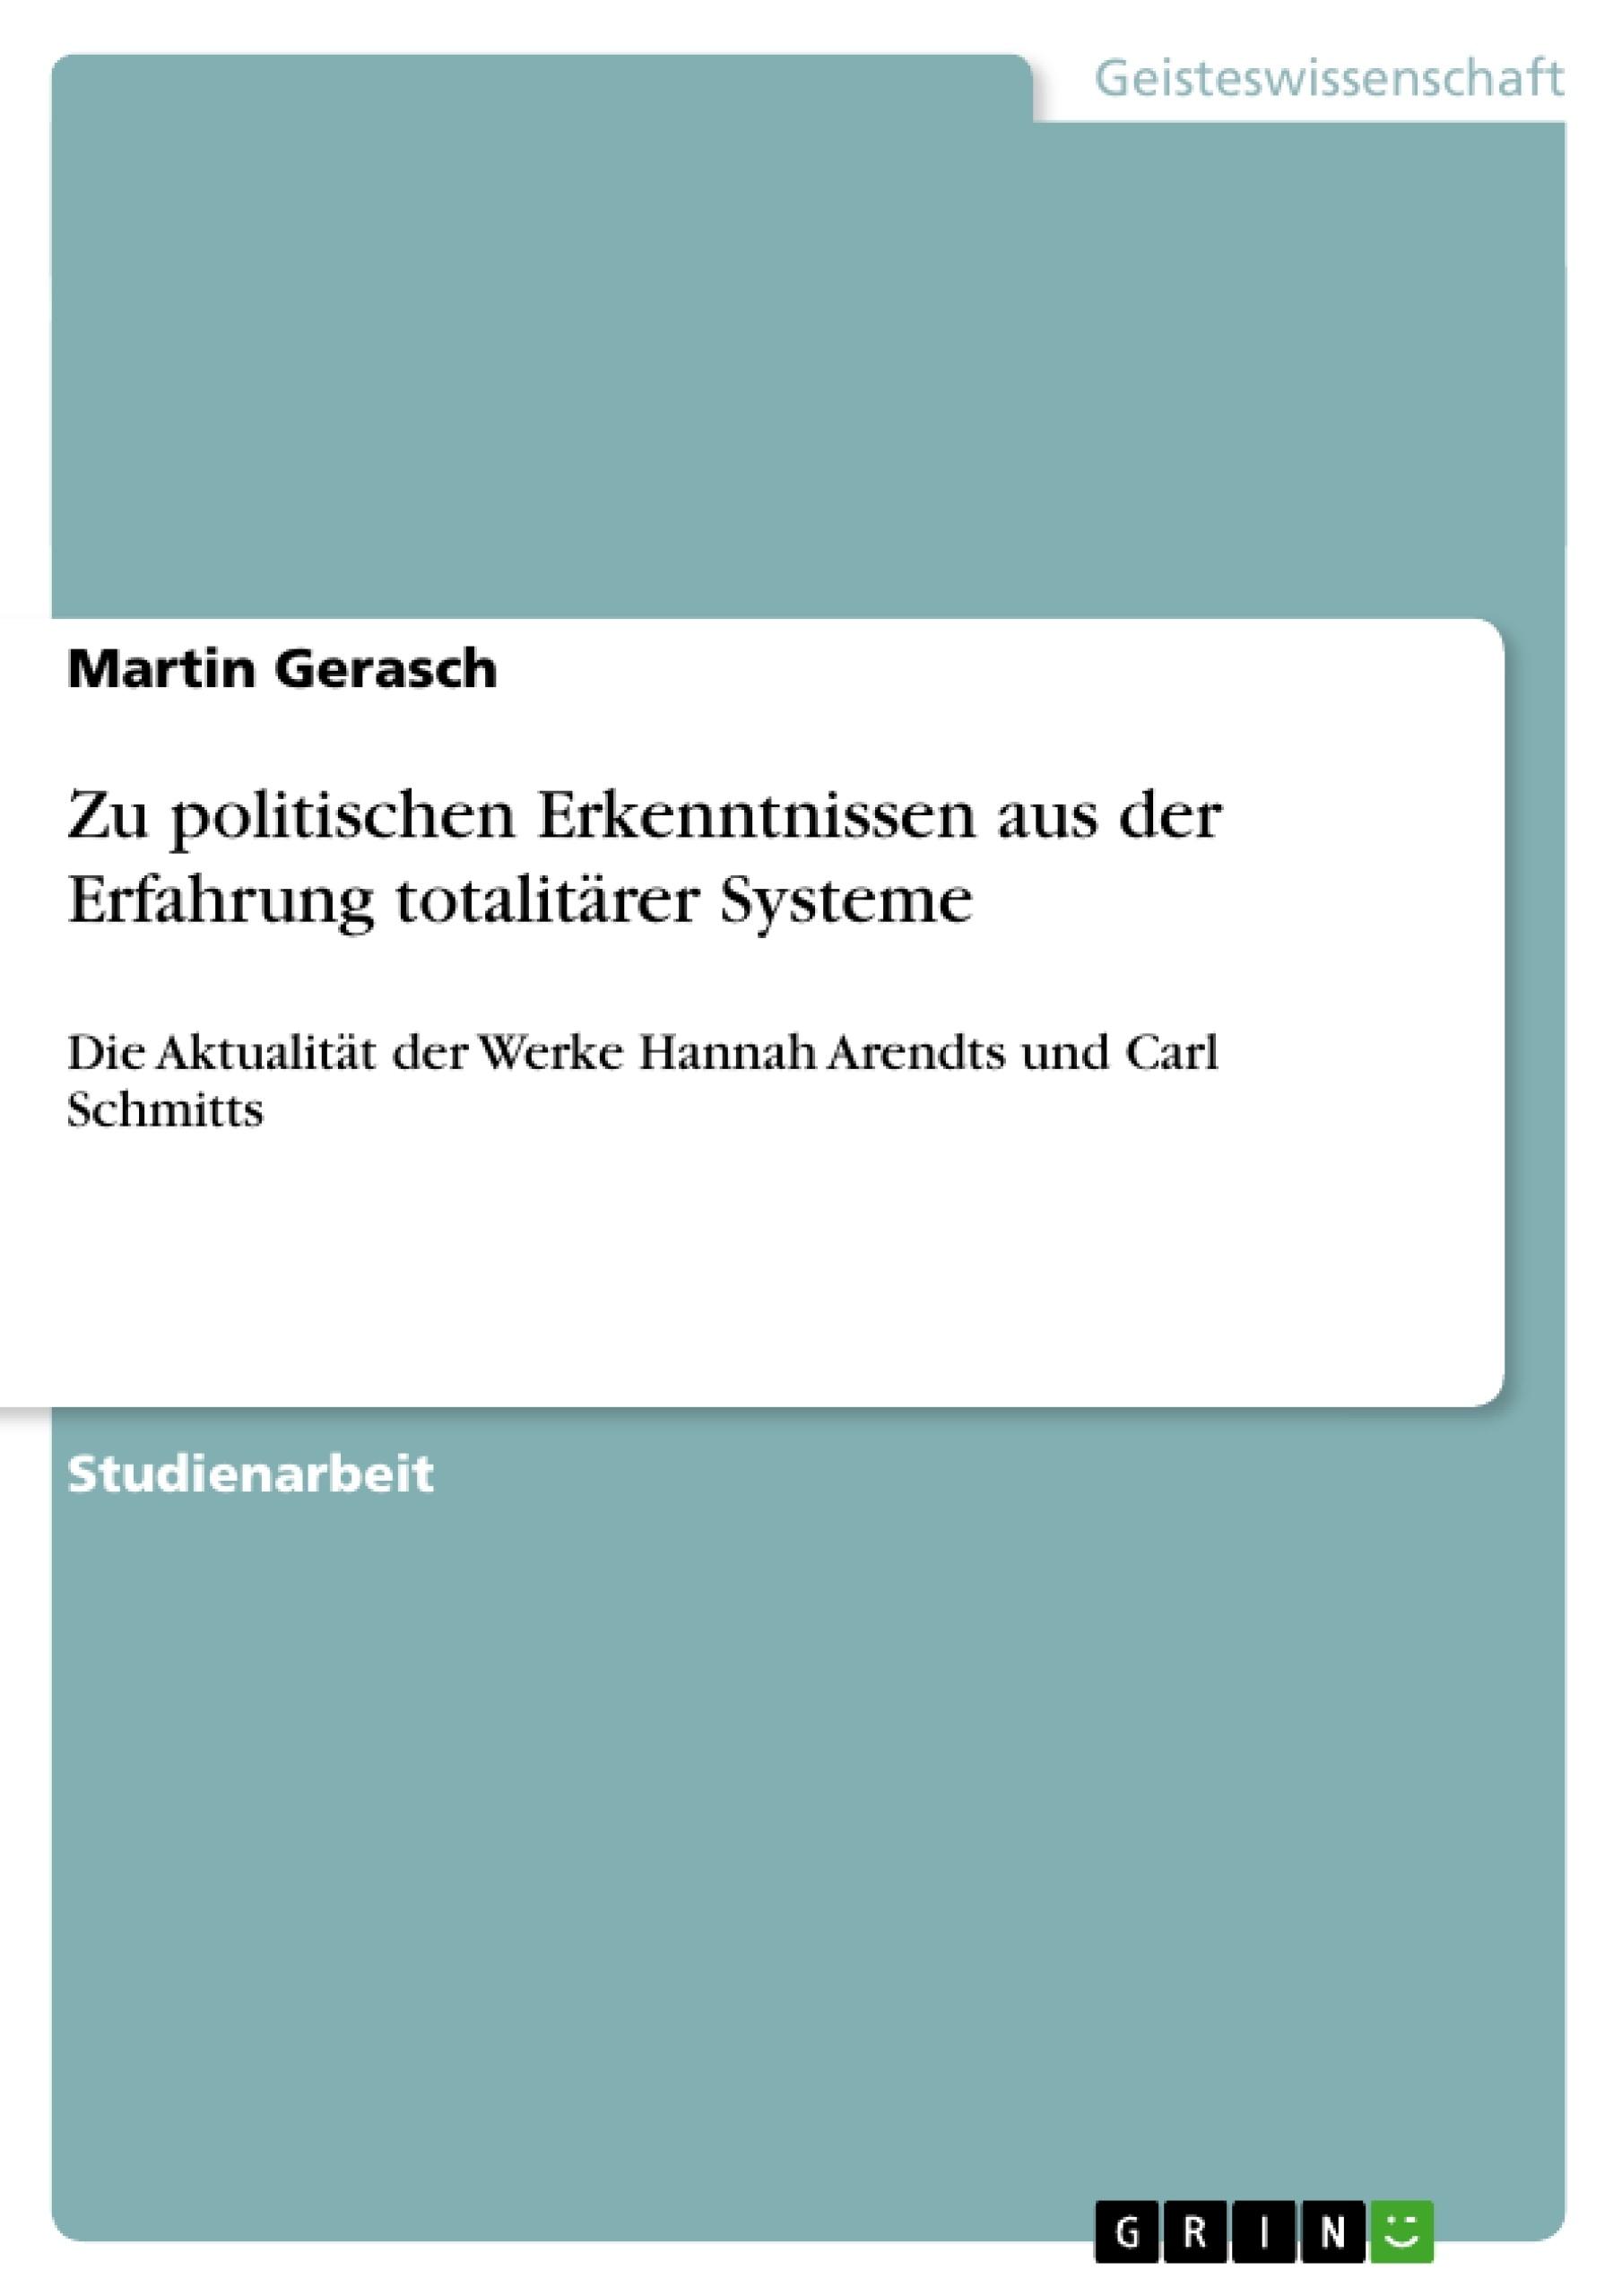 Titel: Zu politischen Erkenntnissen aus der Erfahrung totalitärer Systeme